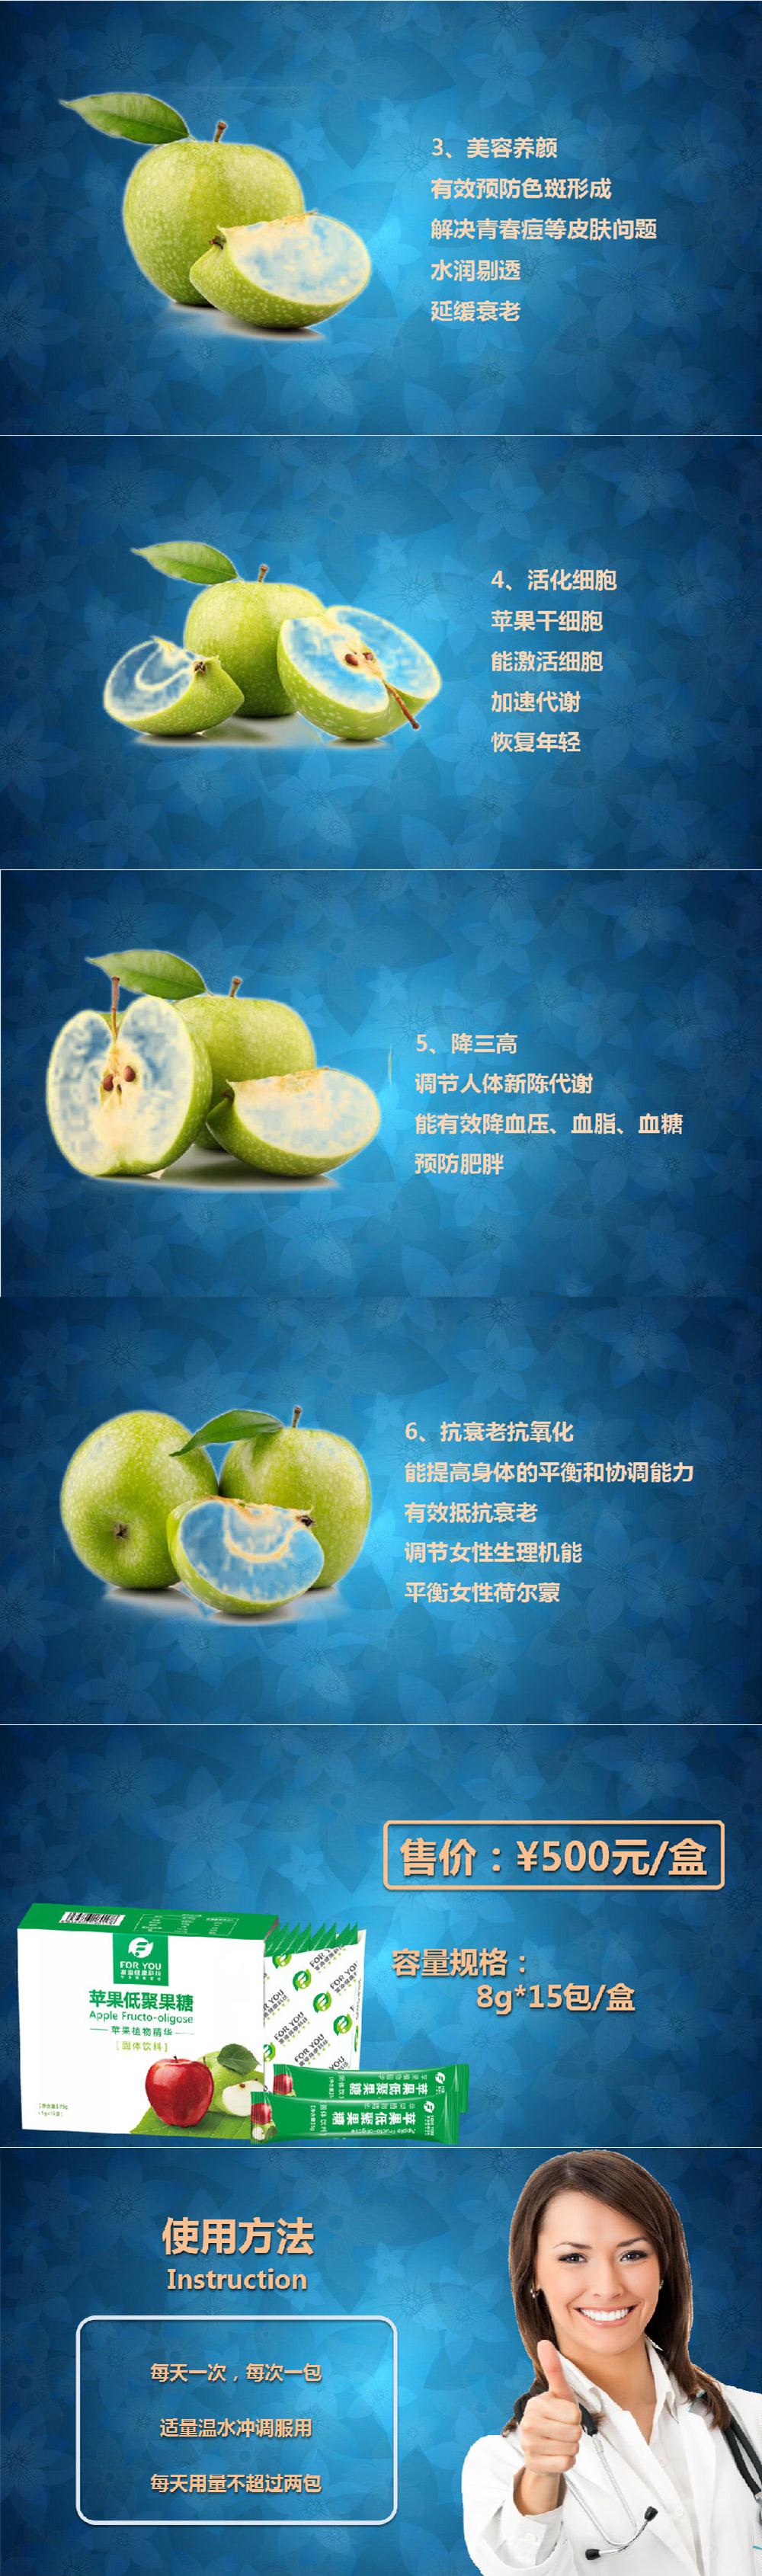 富迪苹果大�萘κ种械途酃�糖